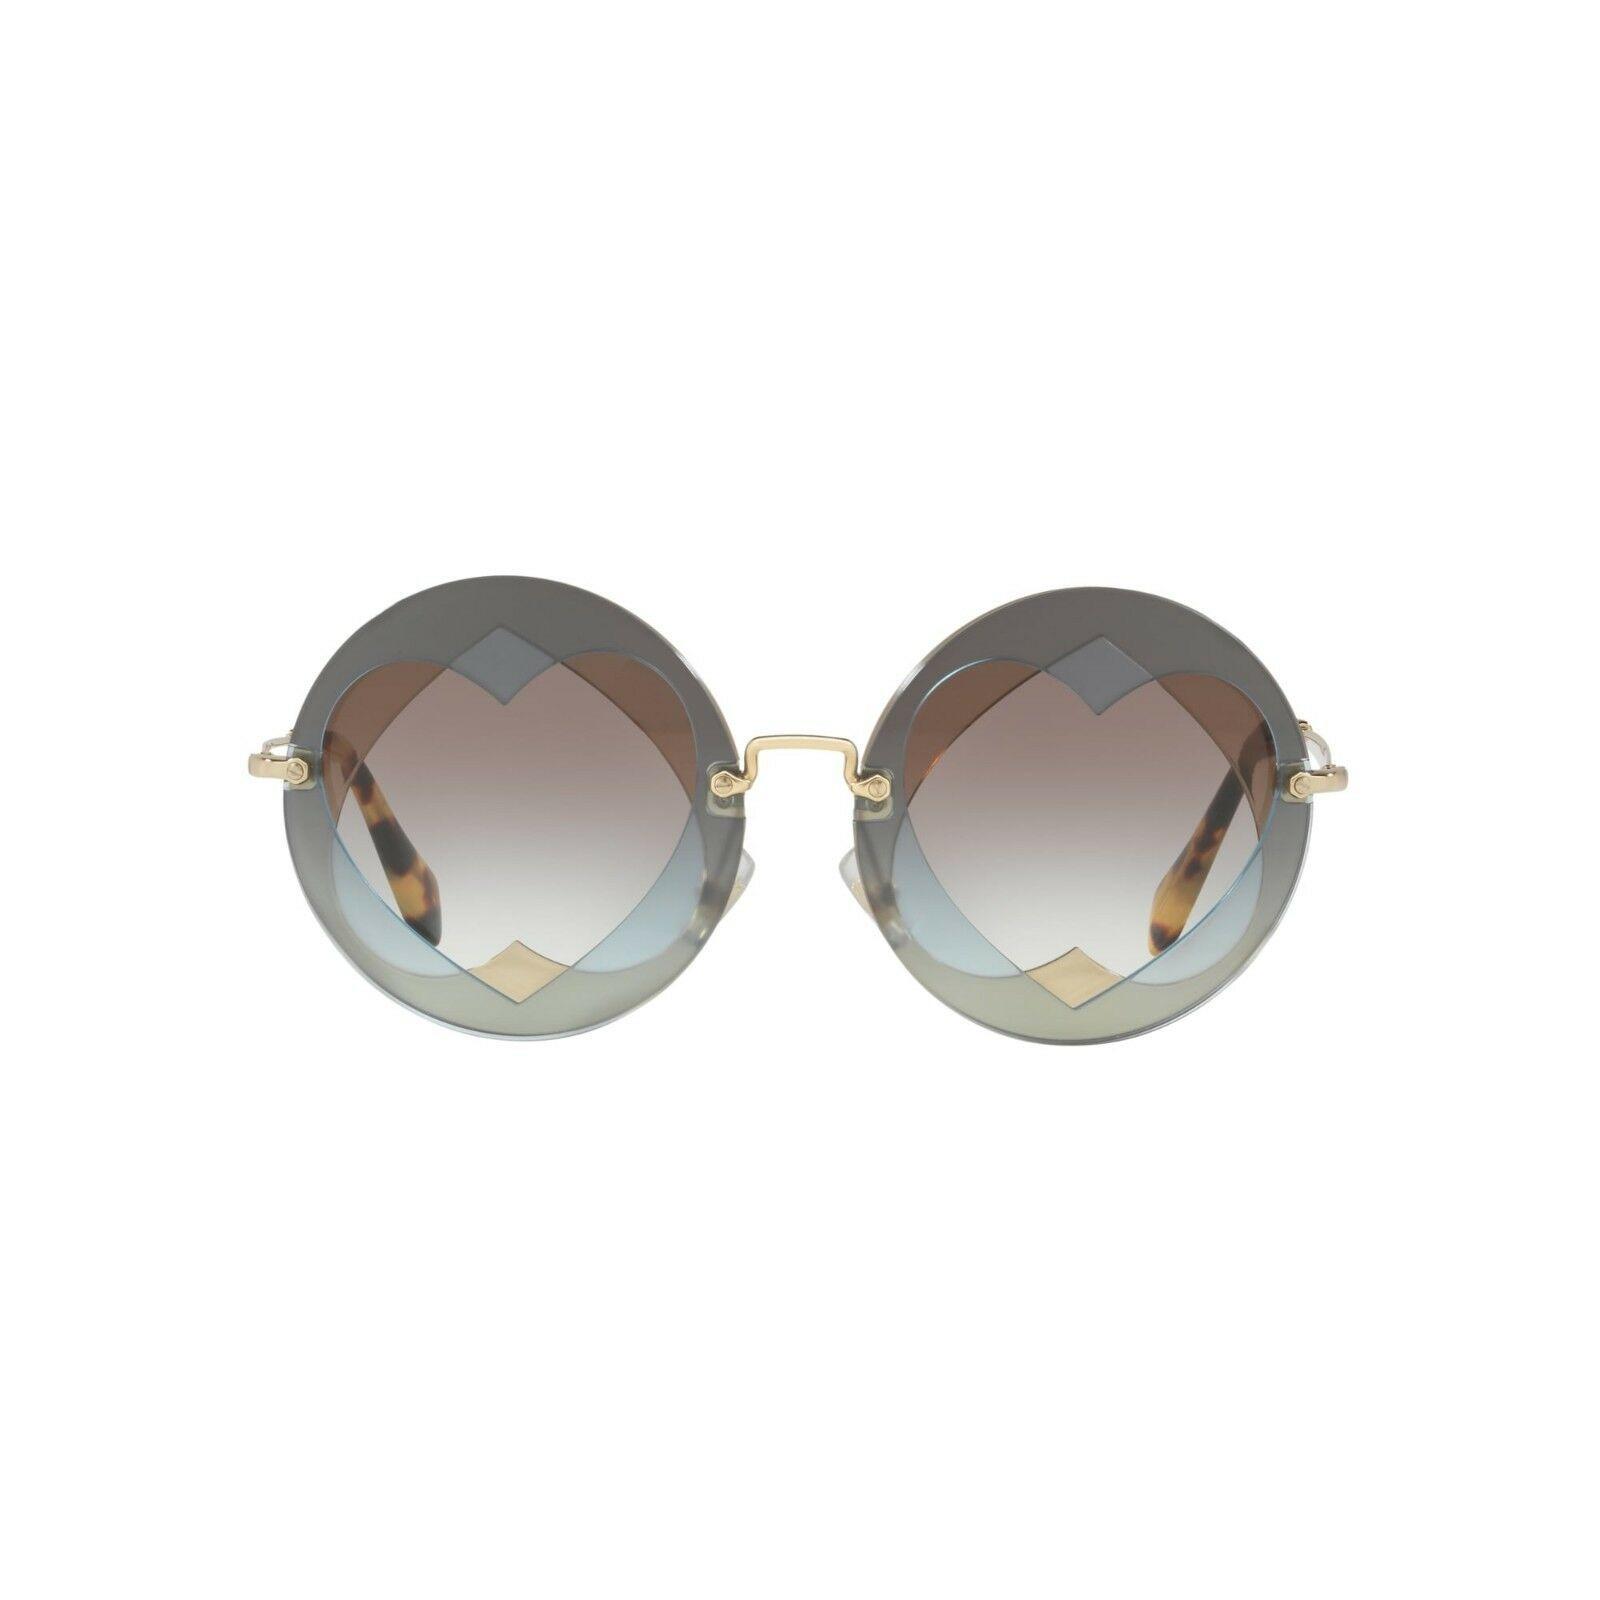 NEW MIU MIU Women's 01SS Layered Double Heart Round Sunglasses Azure/Hazelnut